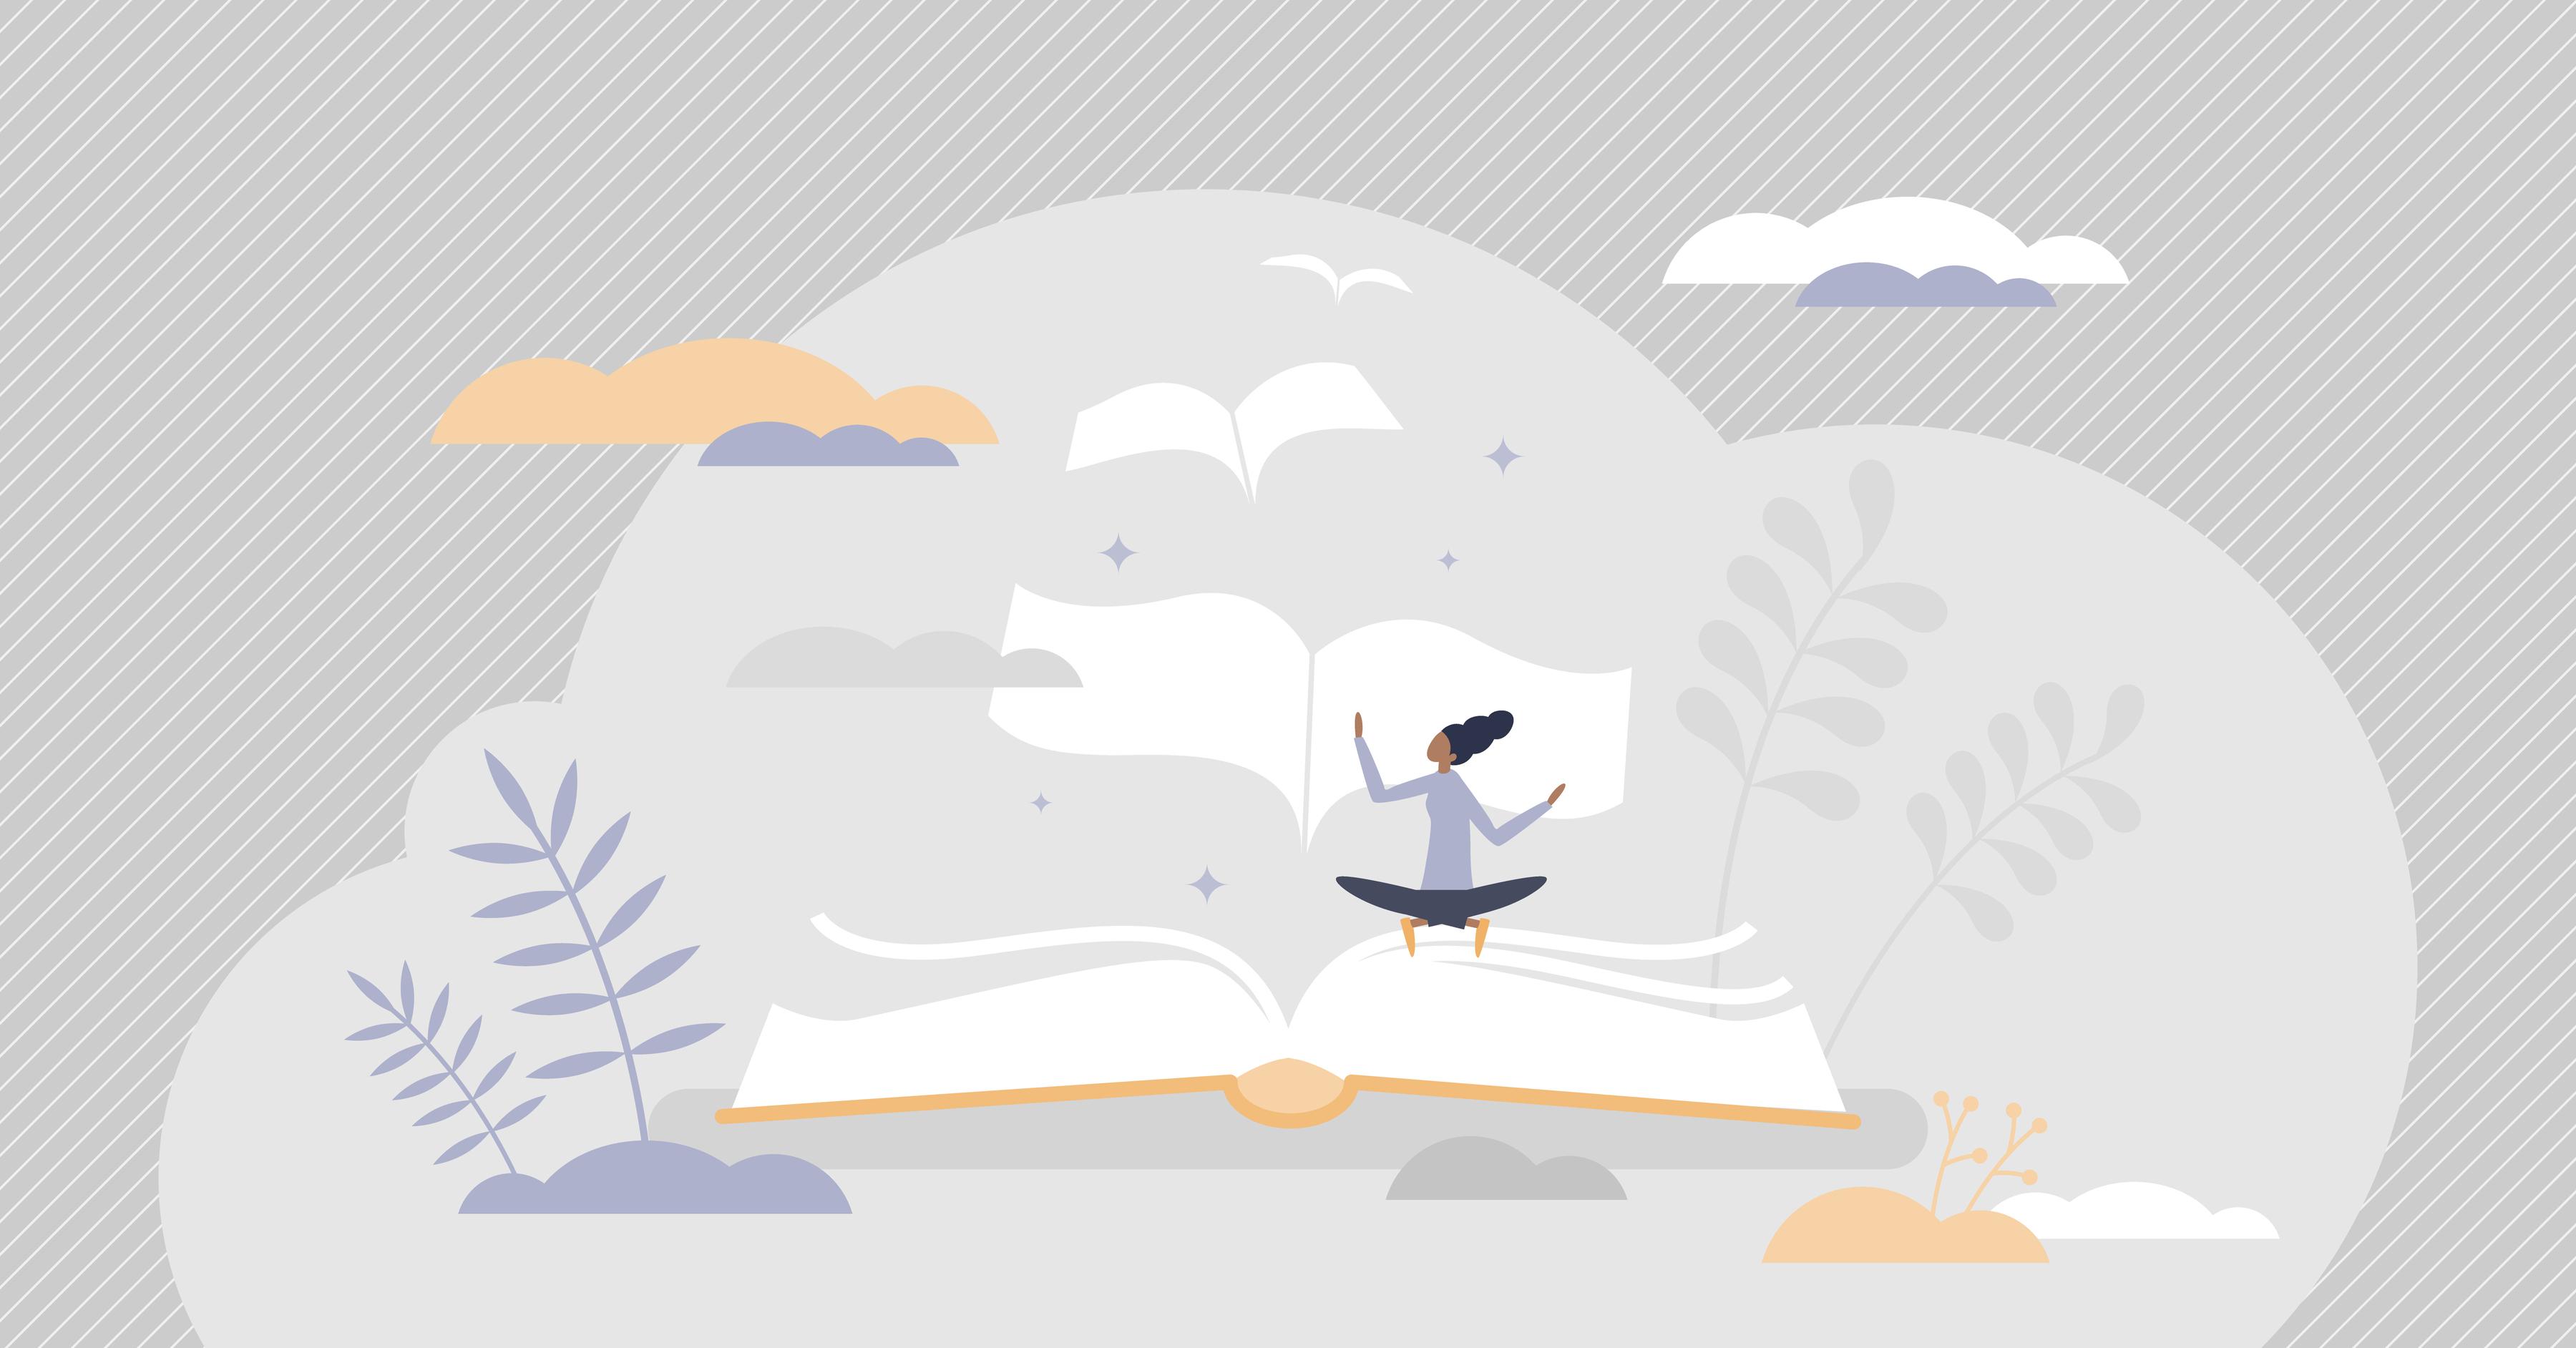 日本博 日本各地のストーリー 短編小説公募プロジェクト(第8回 ブックショートアワード)